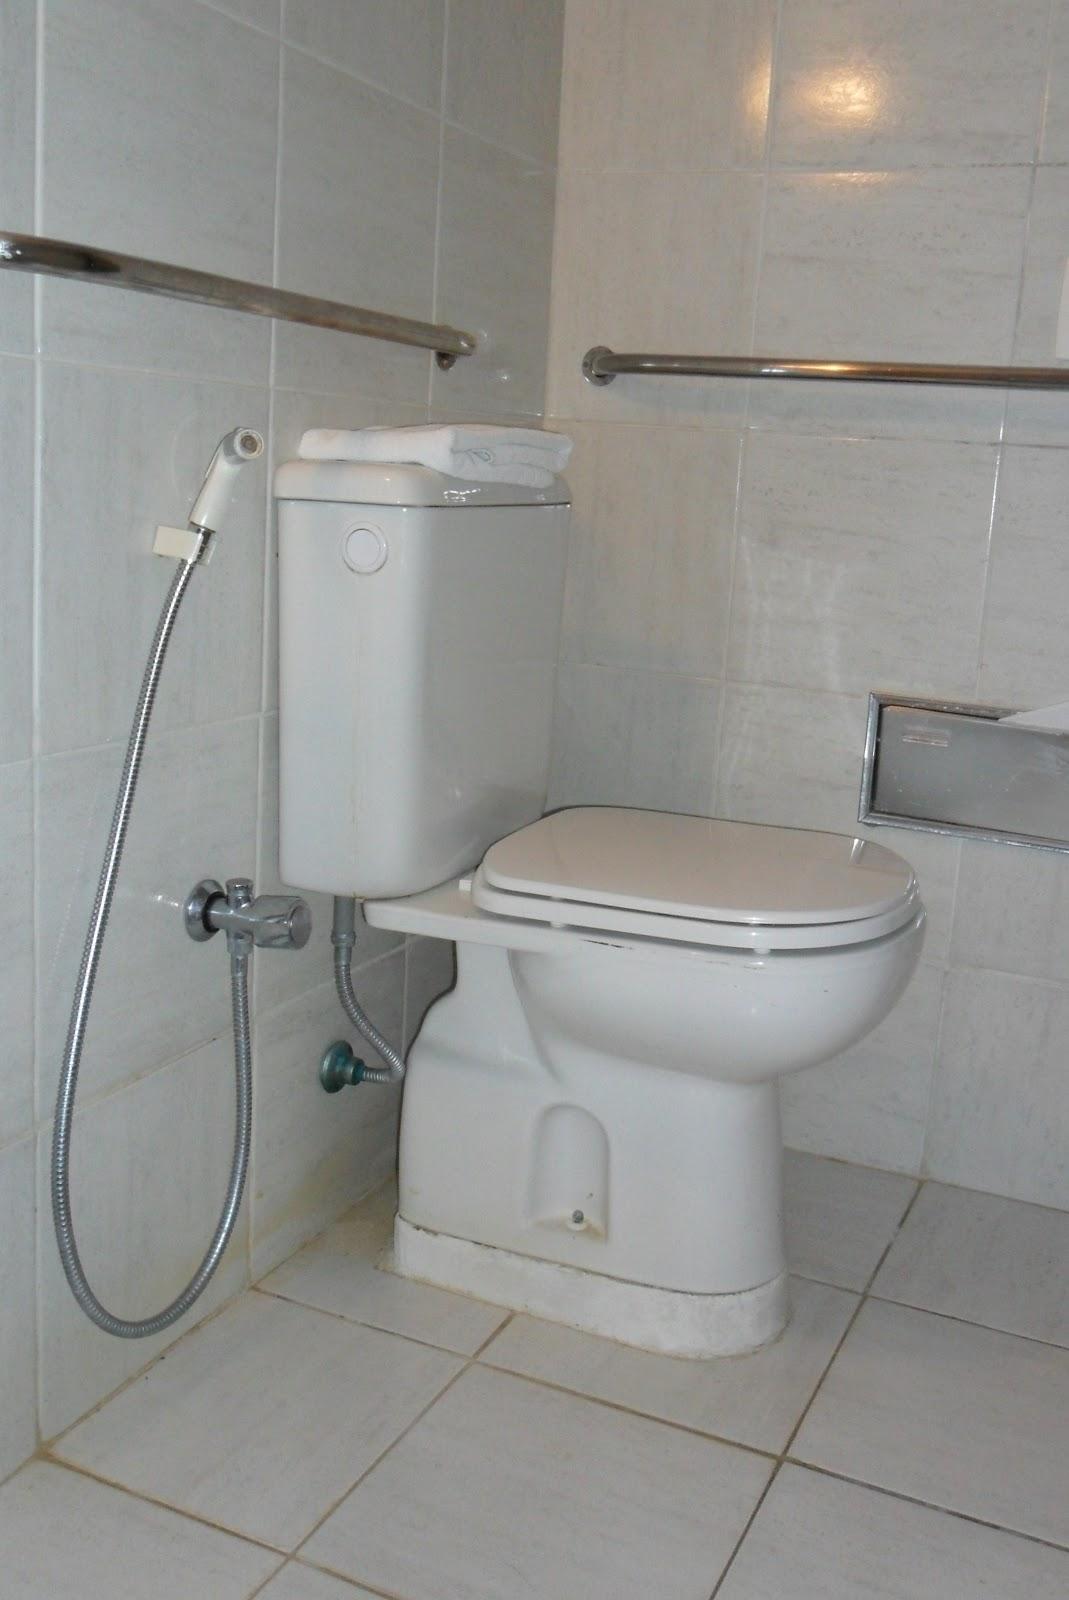 João Pessoa de cadeira de rodas – Parte 2 – Acessibilidade  #846647 1069 1600